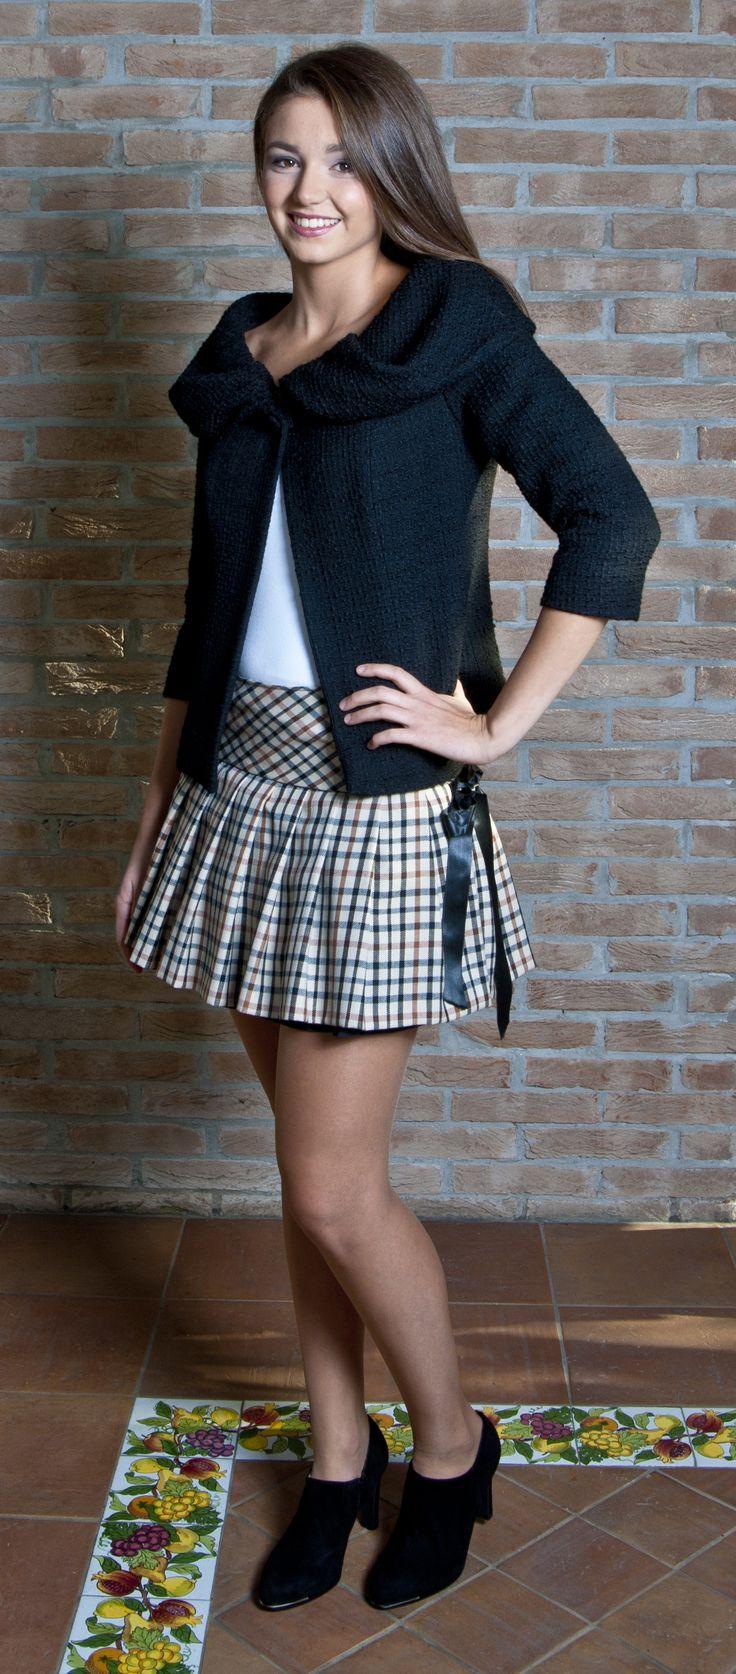 Completo sartoriale giacca stile Chanel in lana Mohair nero e gonna a pieghe tessuto Burberry...ogni capo viene realizzato a mano dalla sartoria emmej.moda e personalizzato con l'etichetta con il vostro nome...su www.mirabiliashop.com